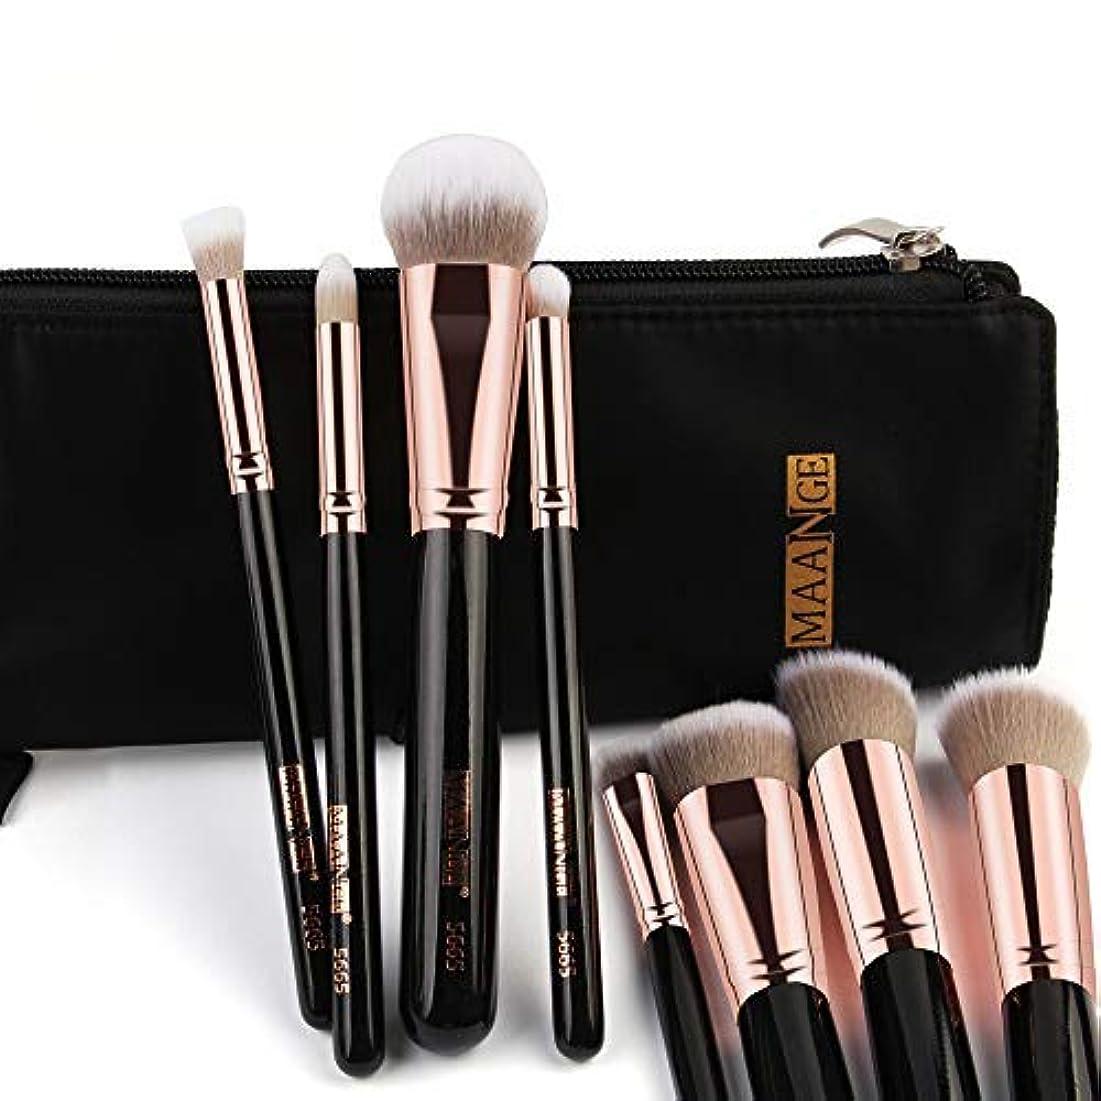 キルト手数料司書ジンリガーデン美容ツールポータブル化粧ブラシセット初心者のための化粧筆コンビネーションツール一式ハイエンド化粧ブラシセット+パフ